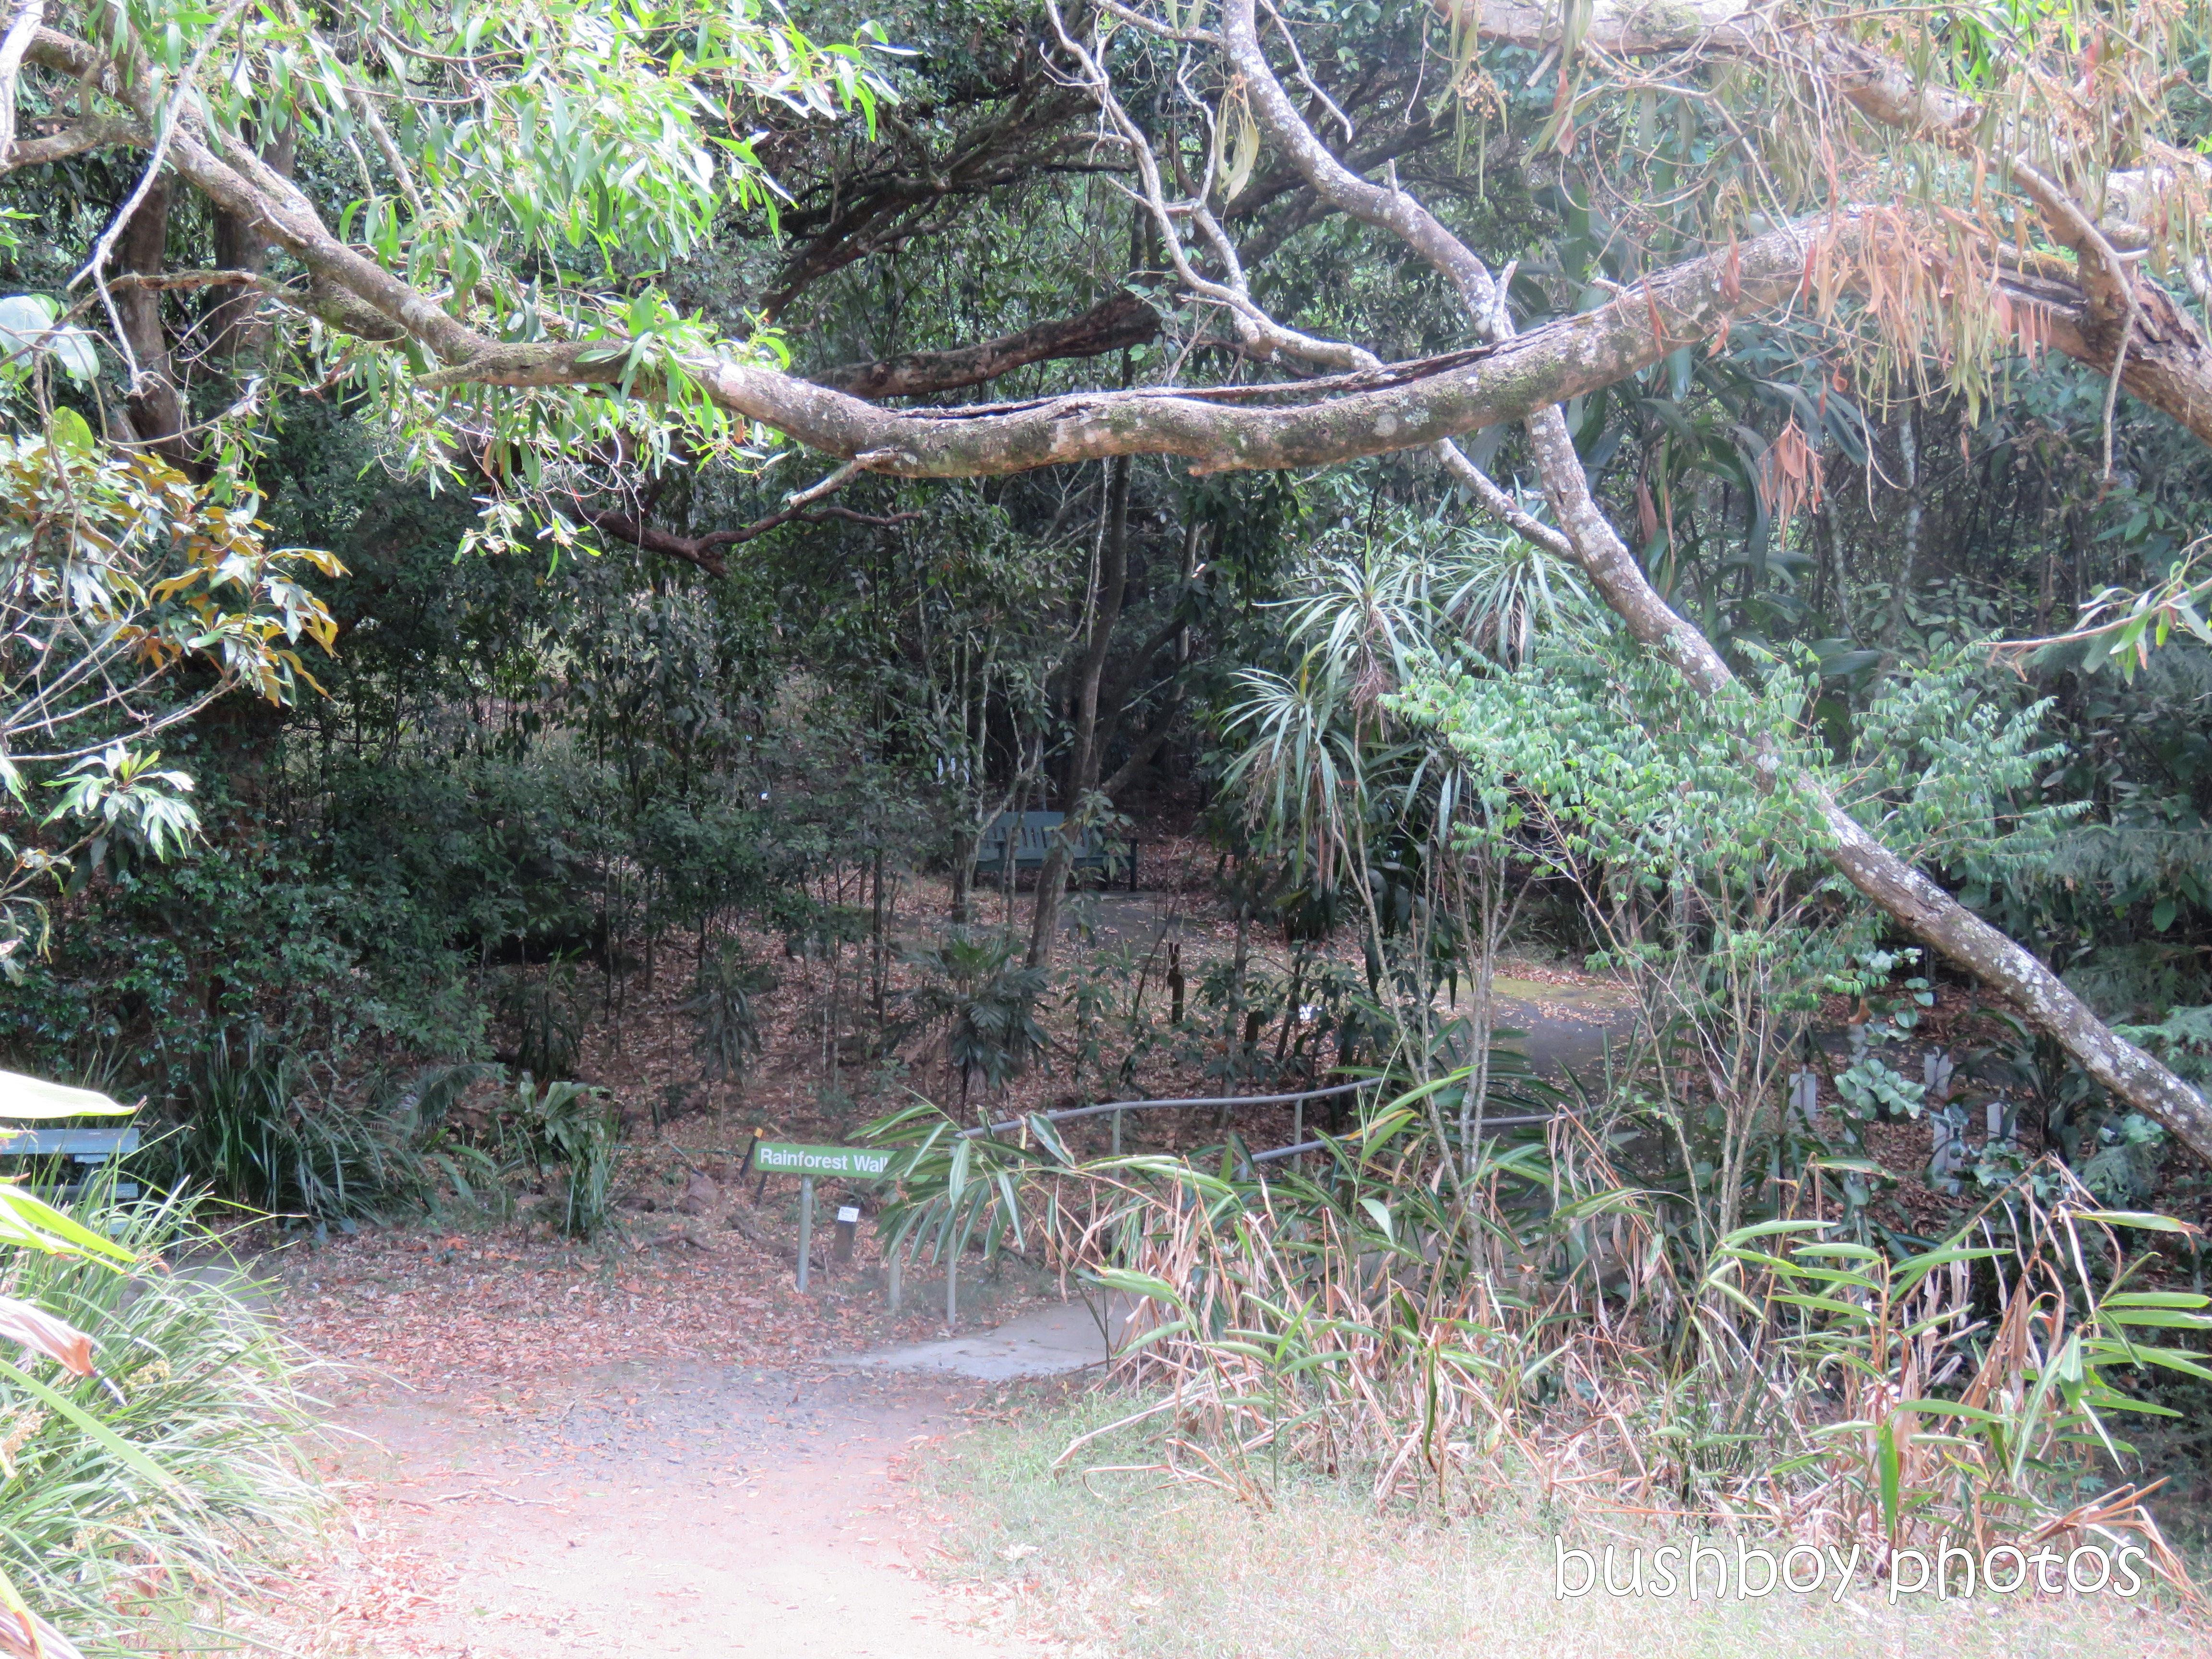 lismore_botanical_gardens_paths_bridges1_jan 2019 (10)